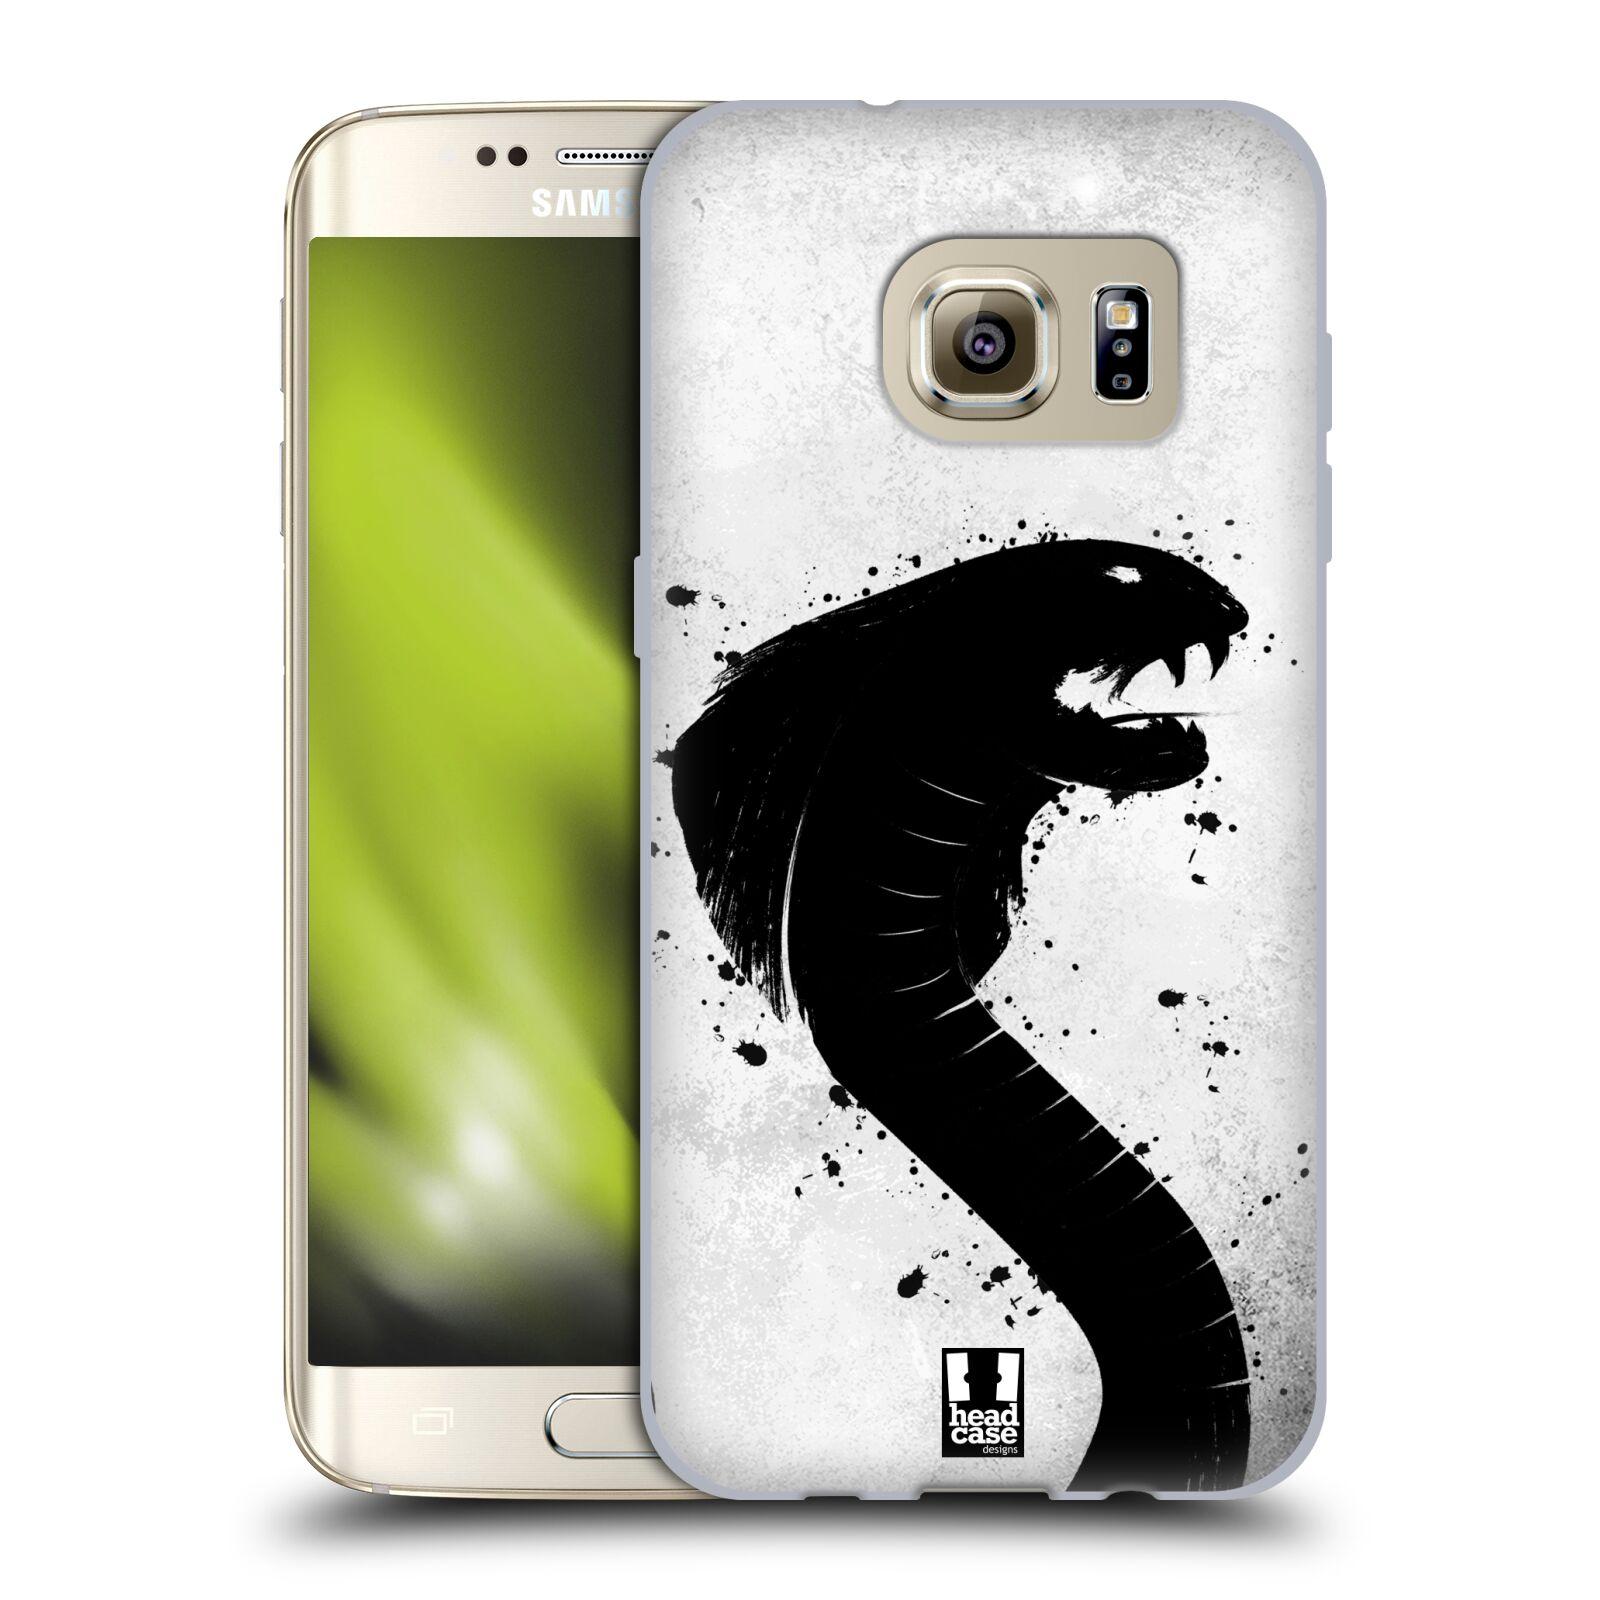 HEAD CASE silikonový obal na mobil Samsung Galaxy S7 EDGE (G9350) vzor Kresba tuš zvíře had kobra